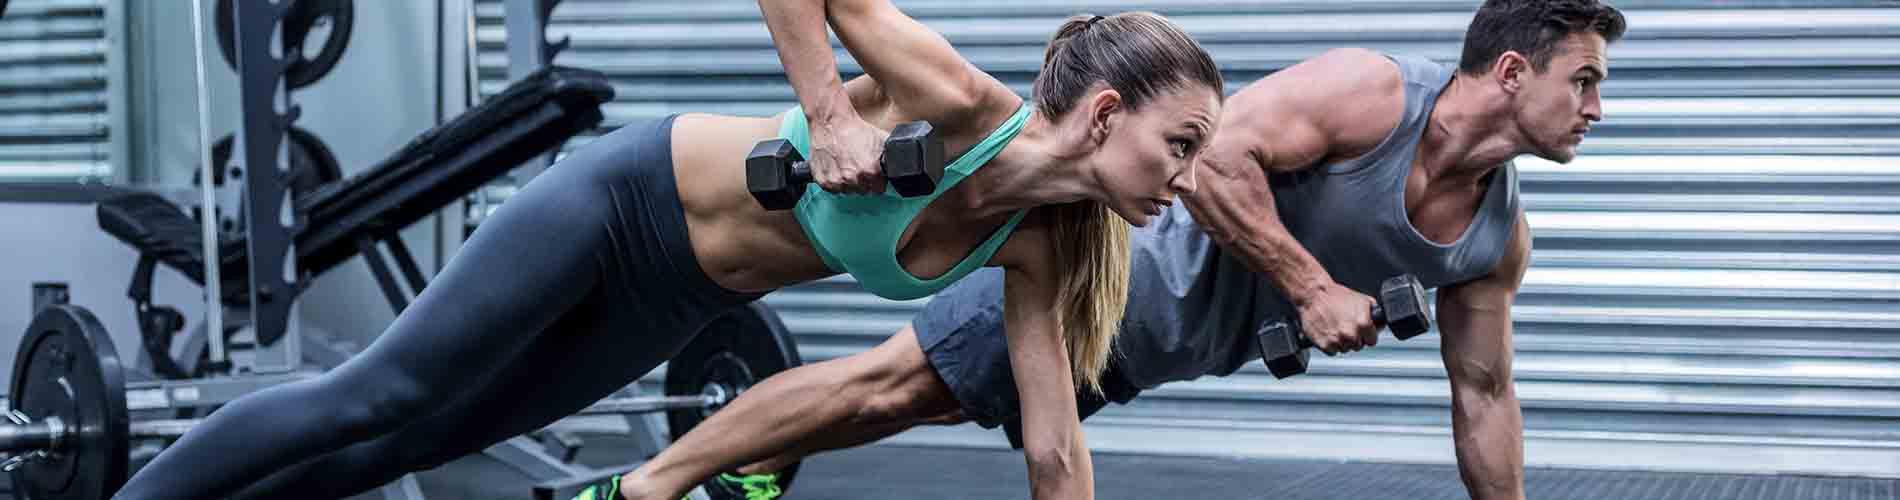 La salud de las encías está relacionada con en el rendimento deportivo